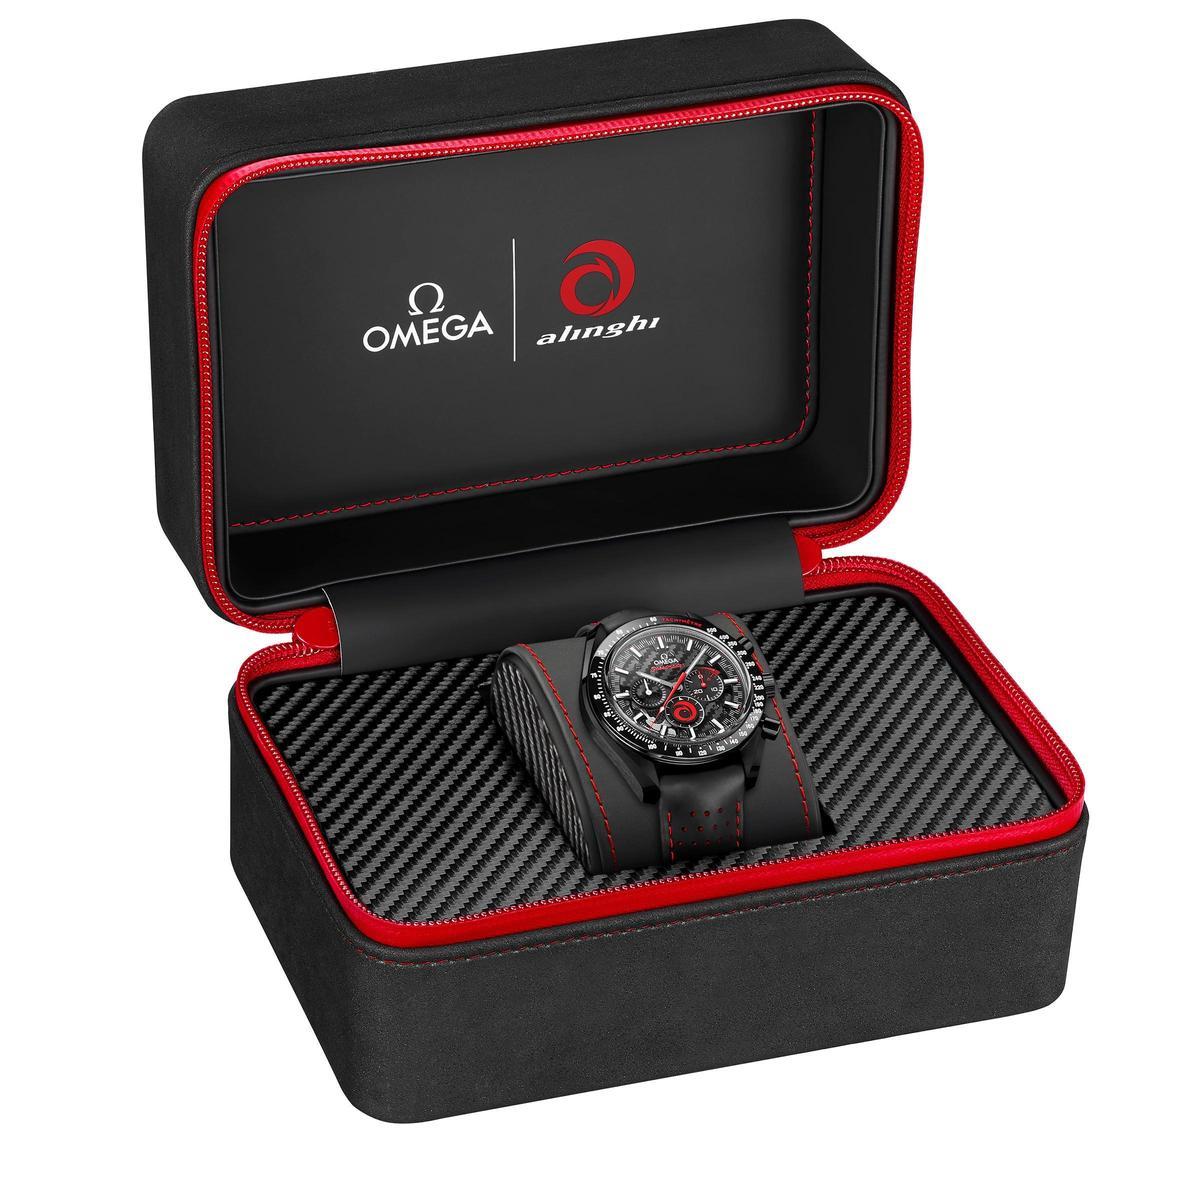 歐米茄全新超霸月之暗面ALINGHI腕錶,建議售價NT$353,300。